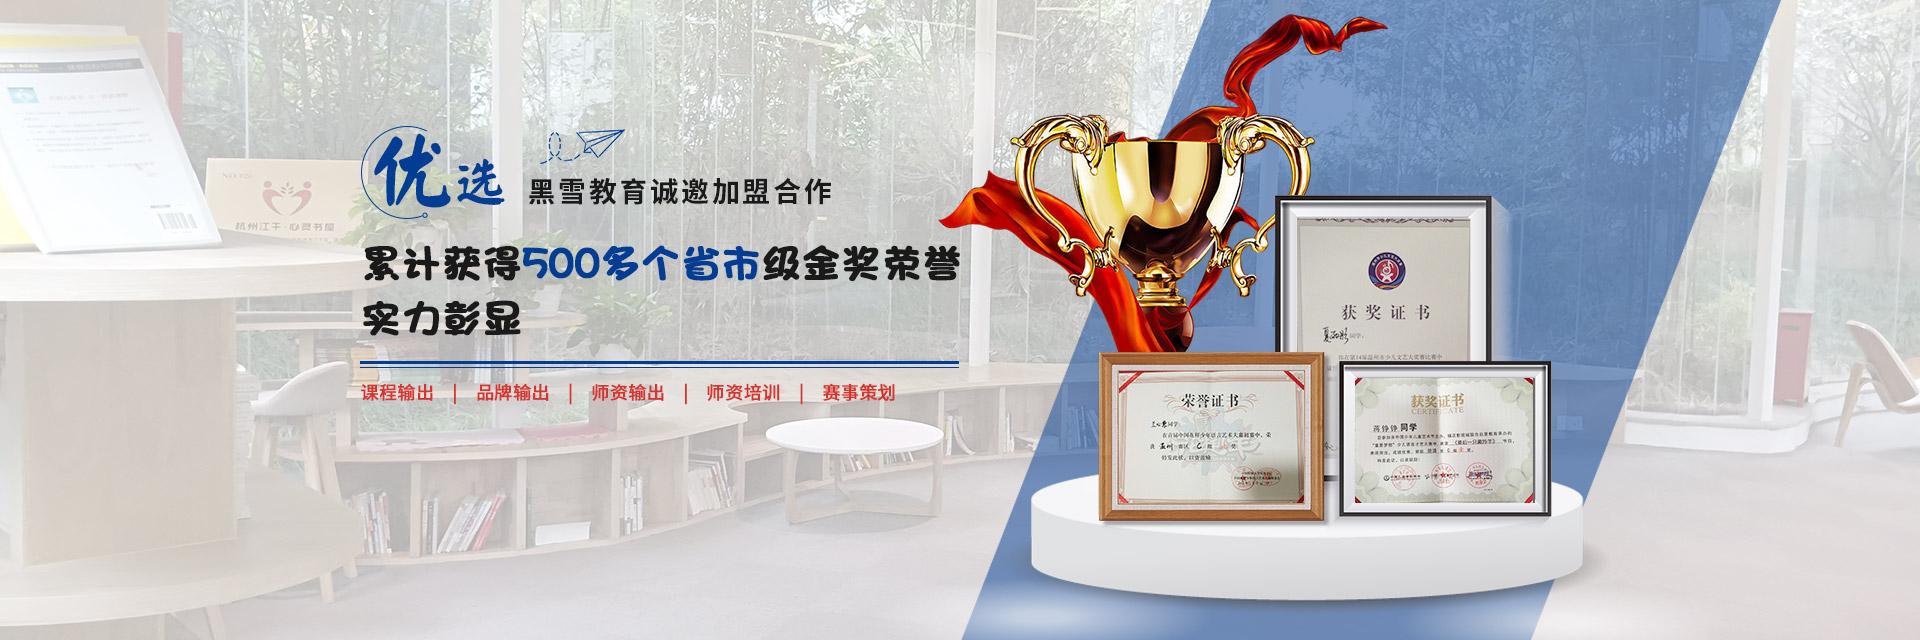 优选黑雪教育诚邀加盟合作,累计获得500多个省市级金奖荣誉,实力彰显